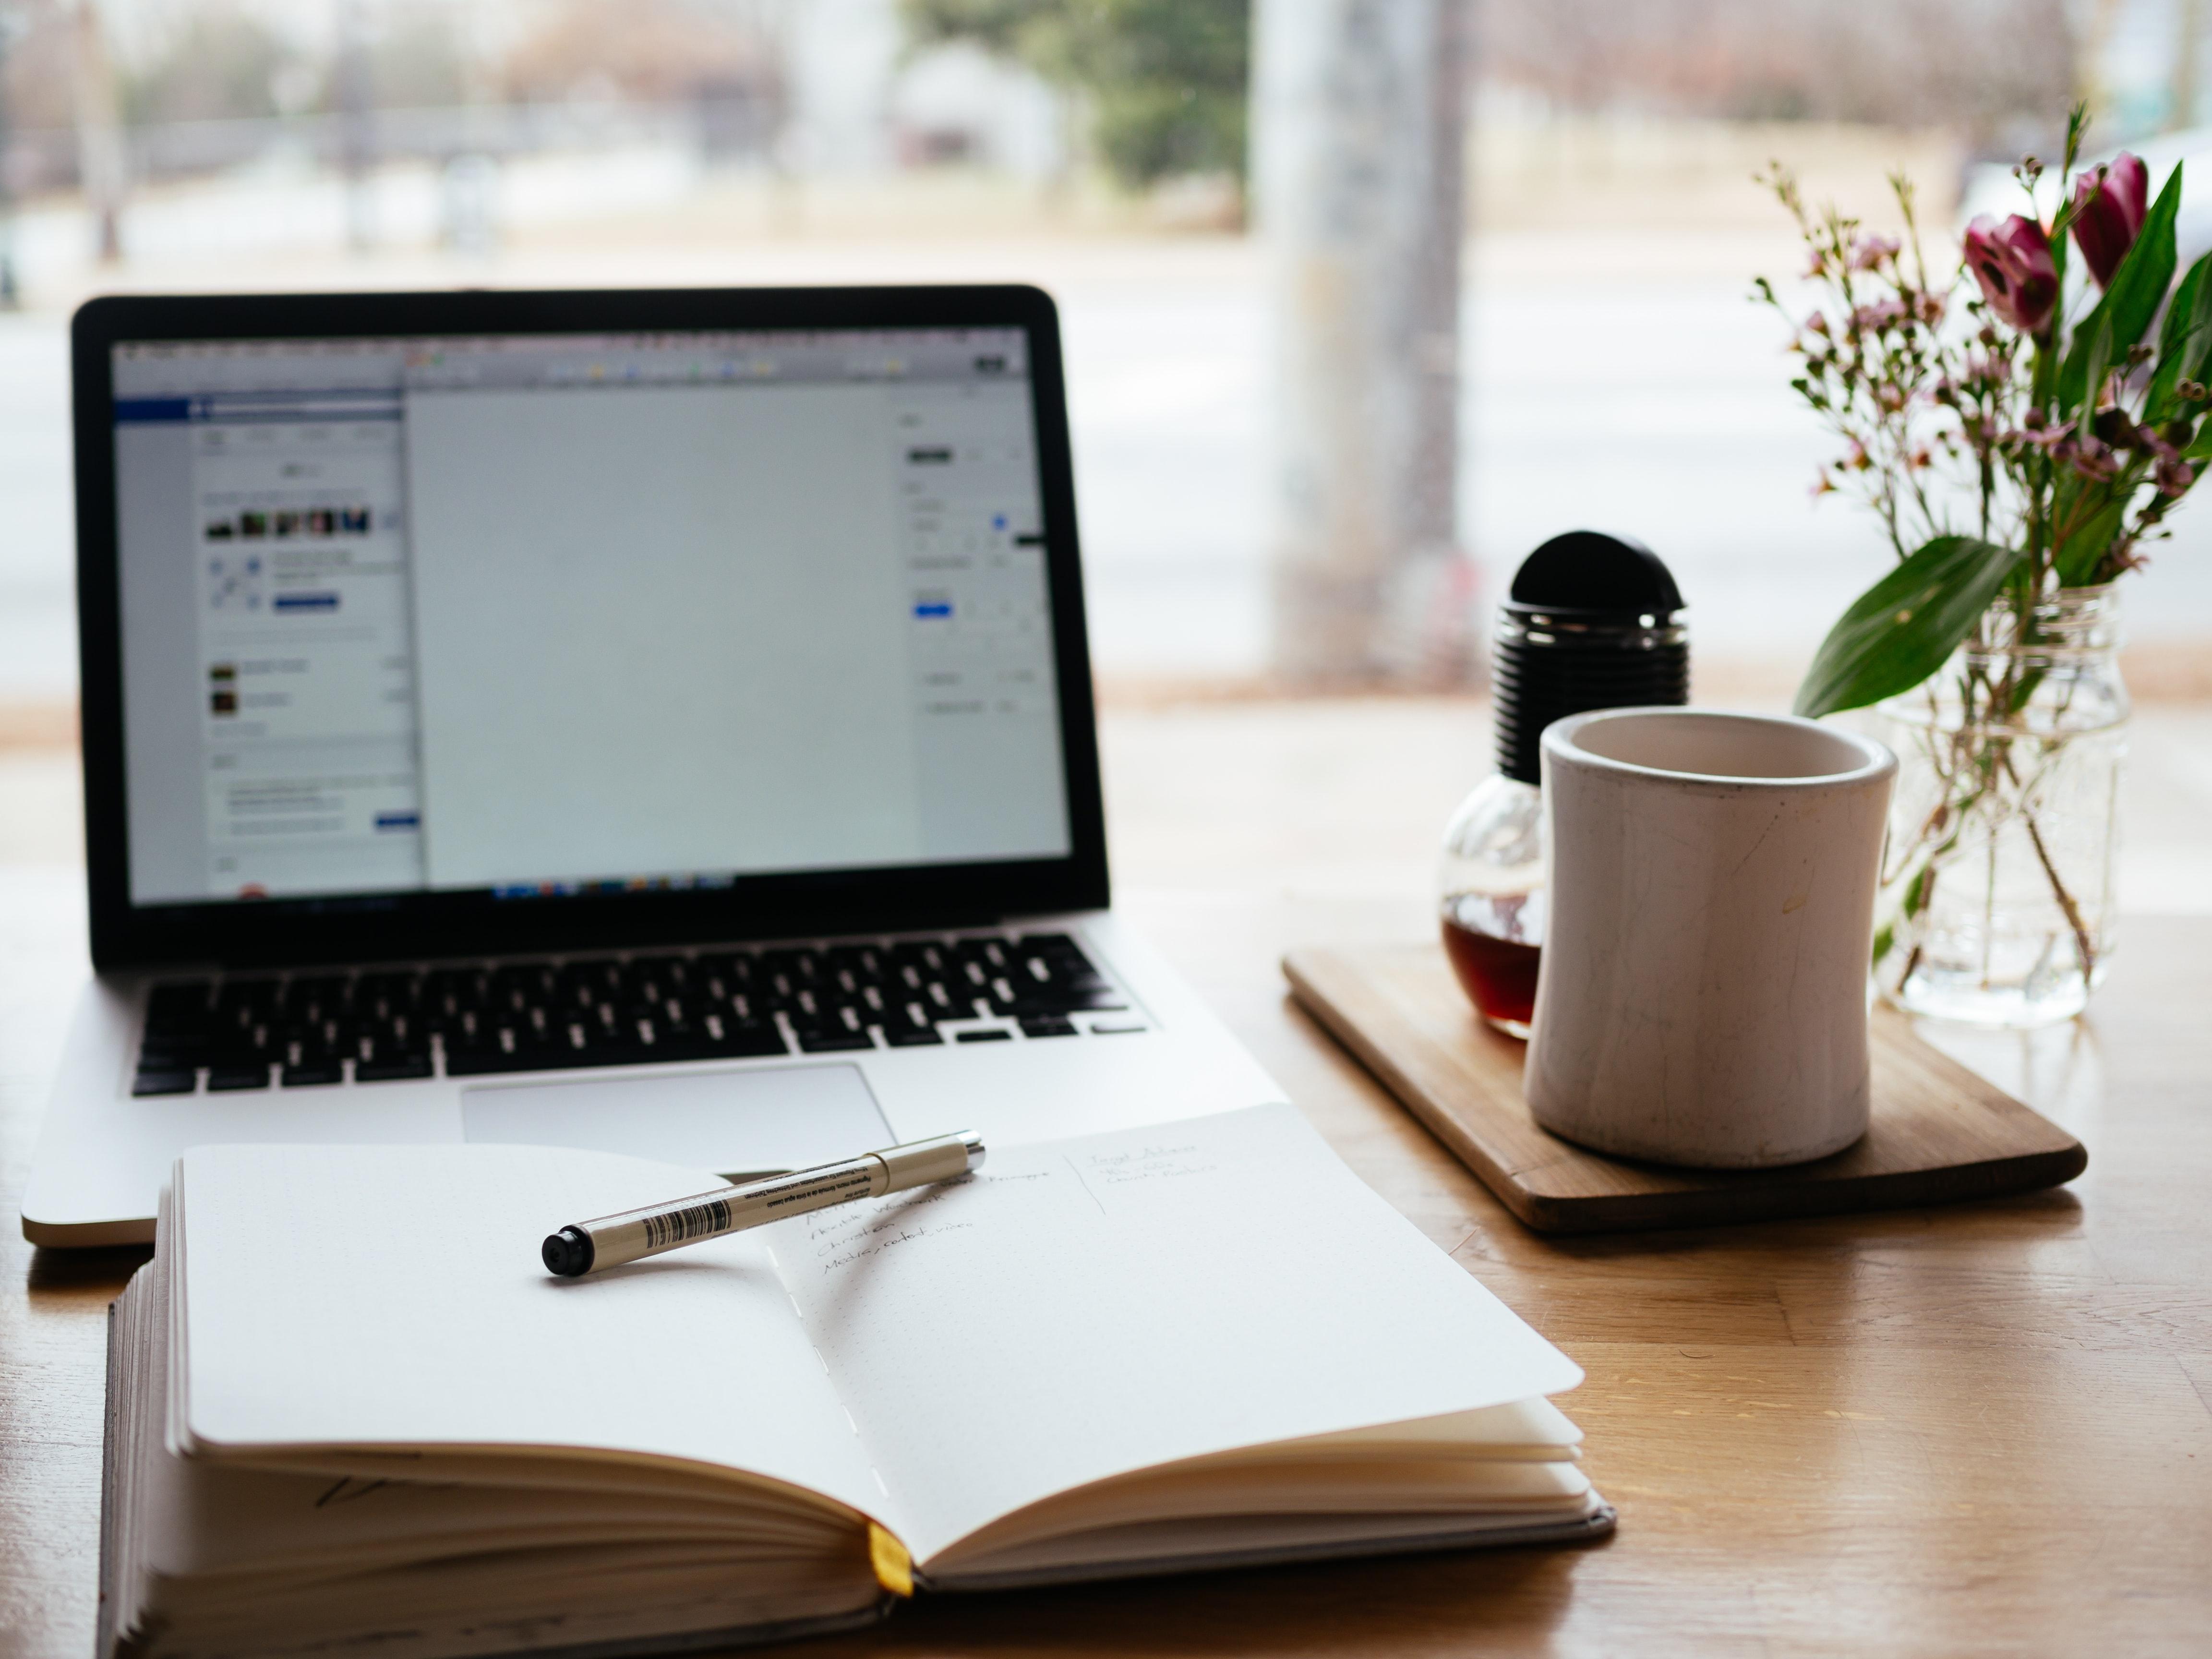 Росаккредитация проведет вебинар для экспертов по аккредитации об особенностях разрешительных режимов